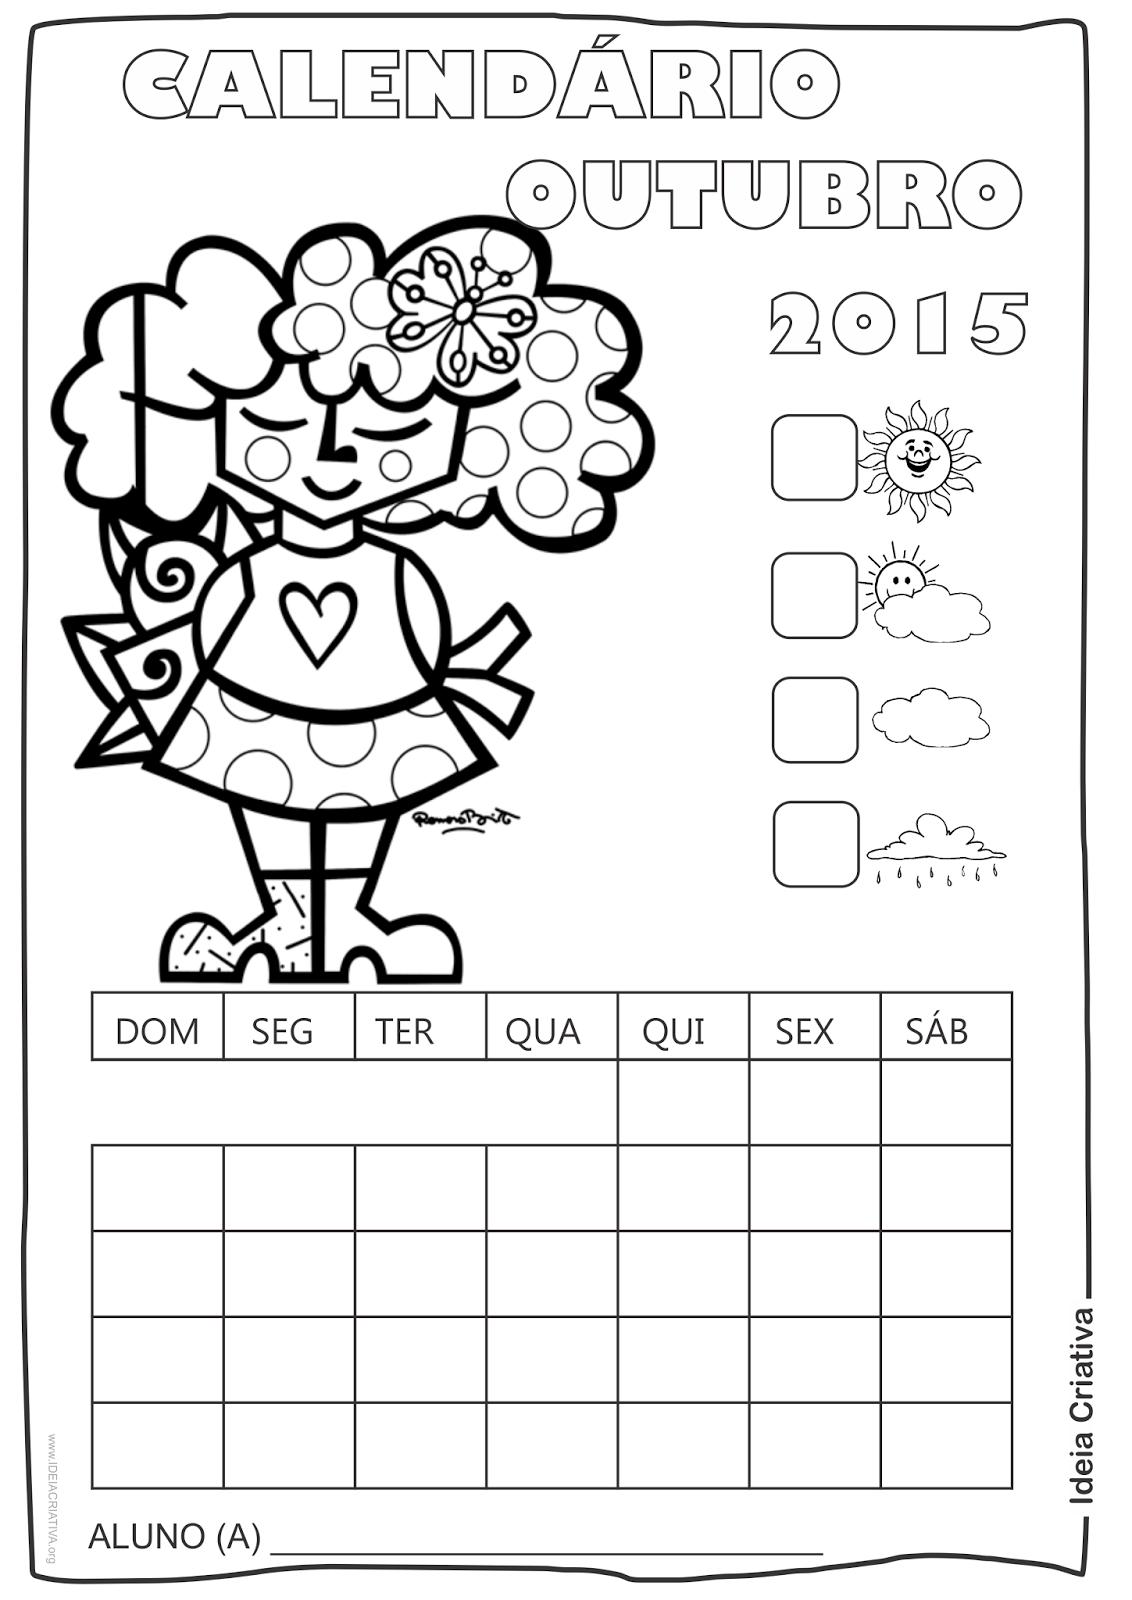 Calendário Outubro 2015 com Desenho Criança de Romero Britto para Colorir Sem Numeração